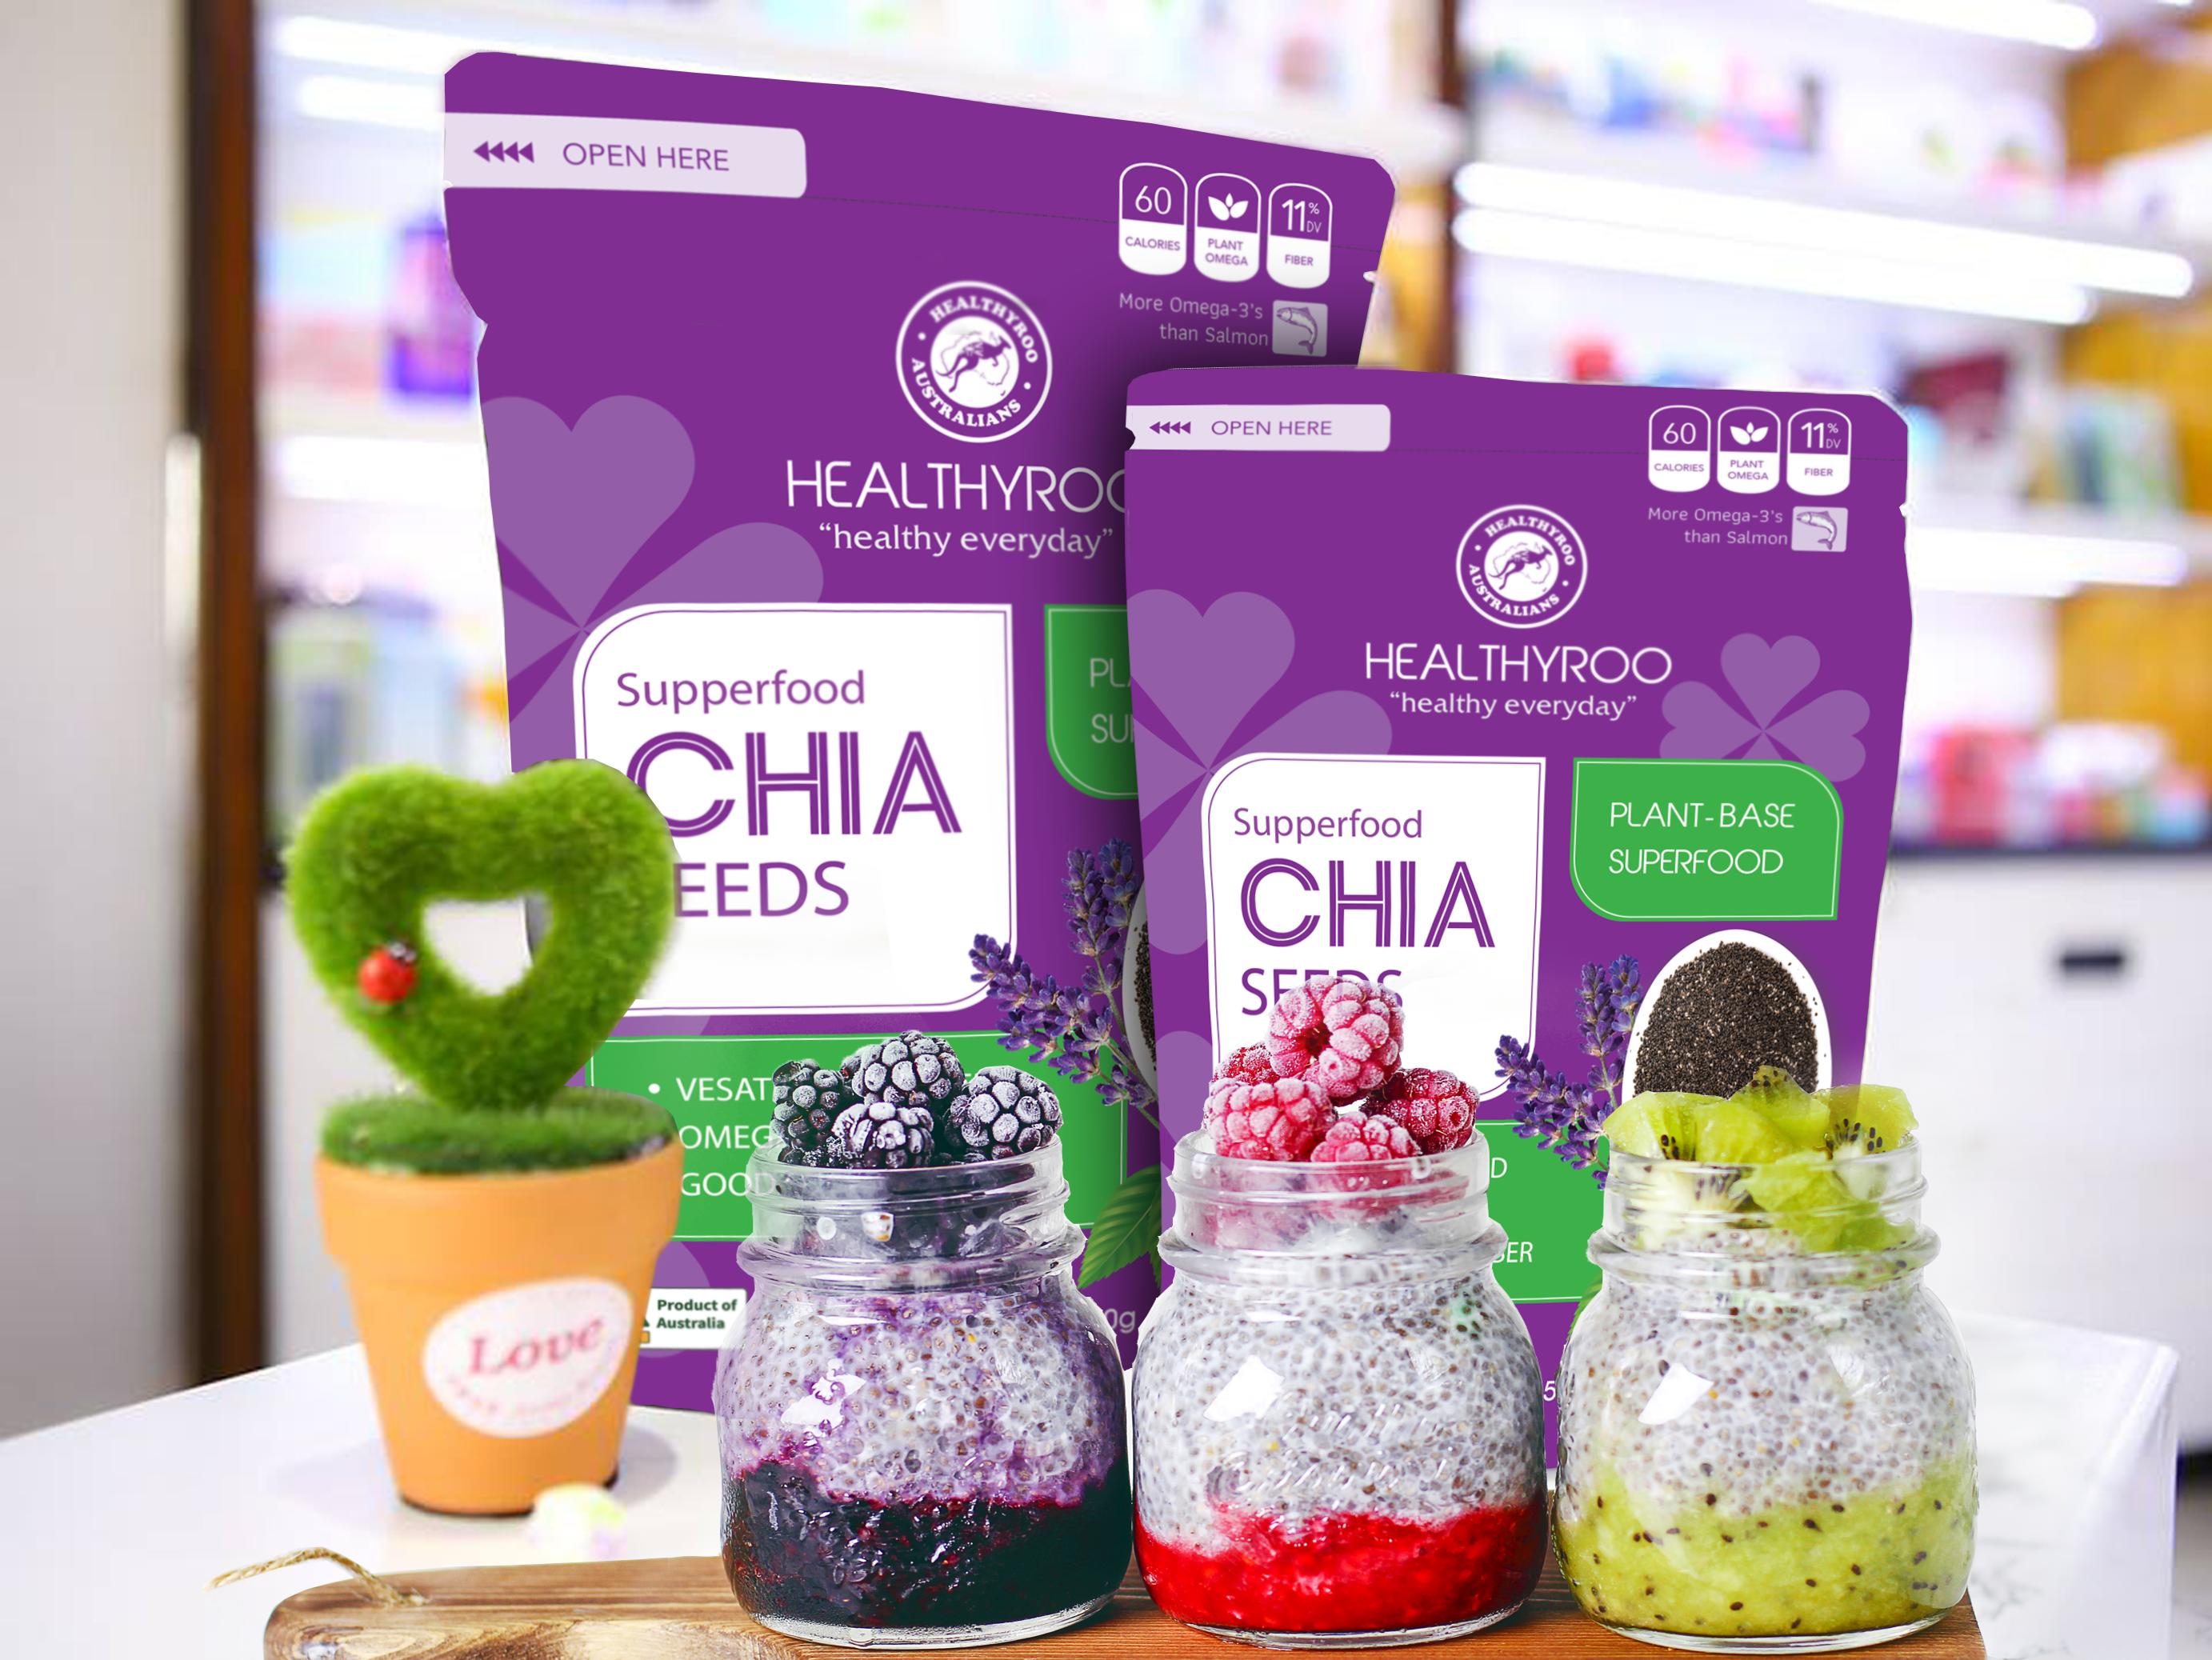 Hạt chia úc healthyroo gói 500 gram ShopNhobonmua - Giảm cân hiệu quả, tiết kiệm hơn 10%